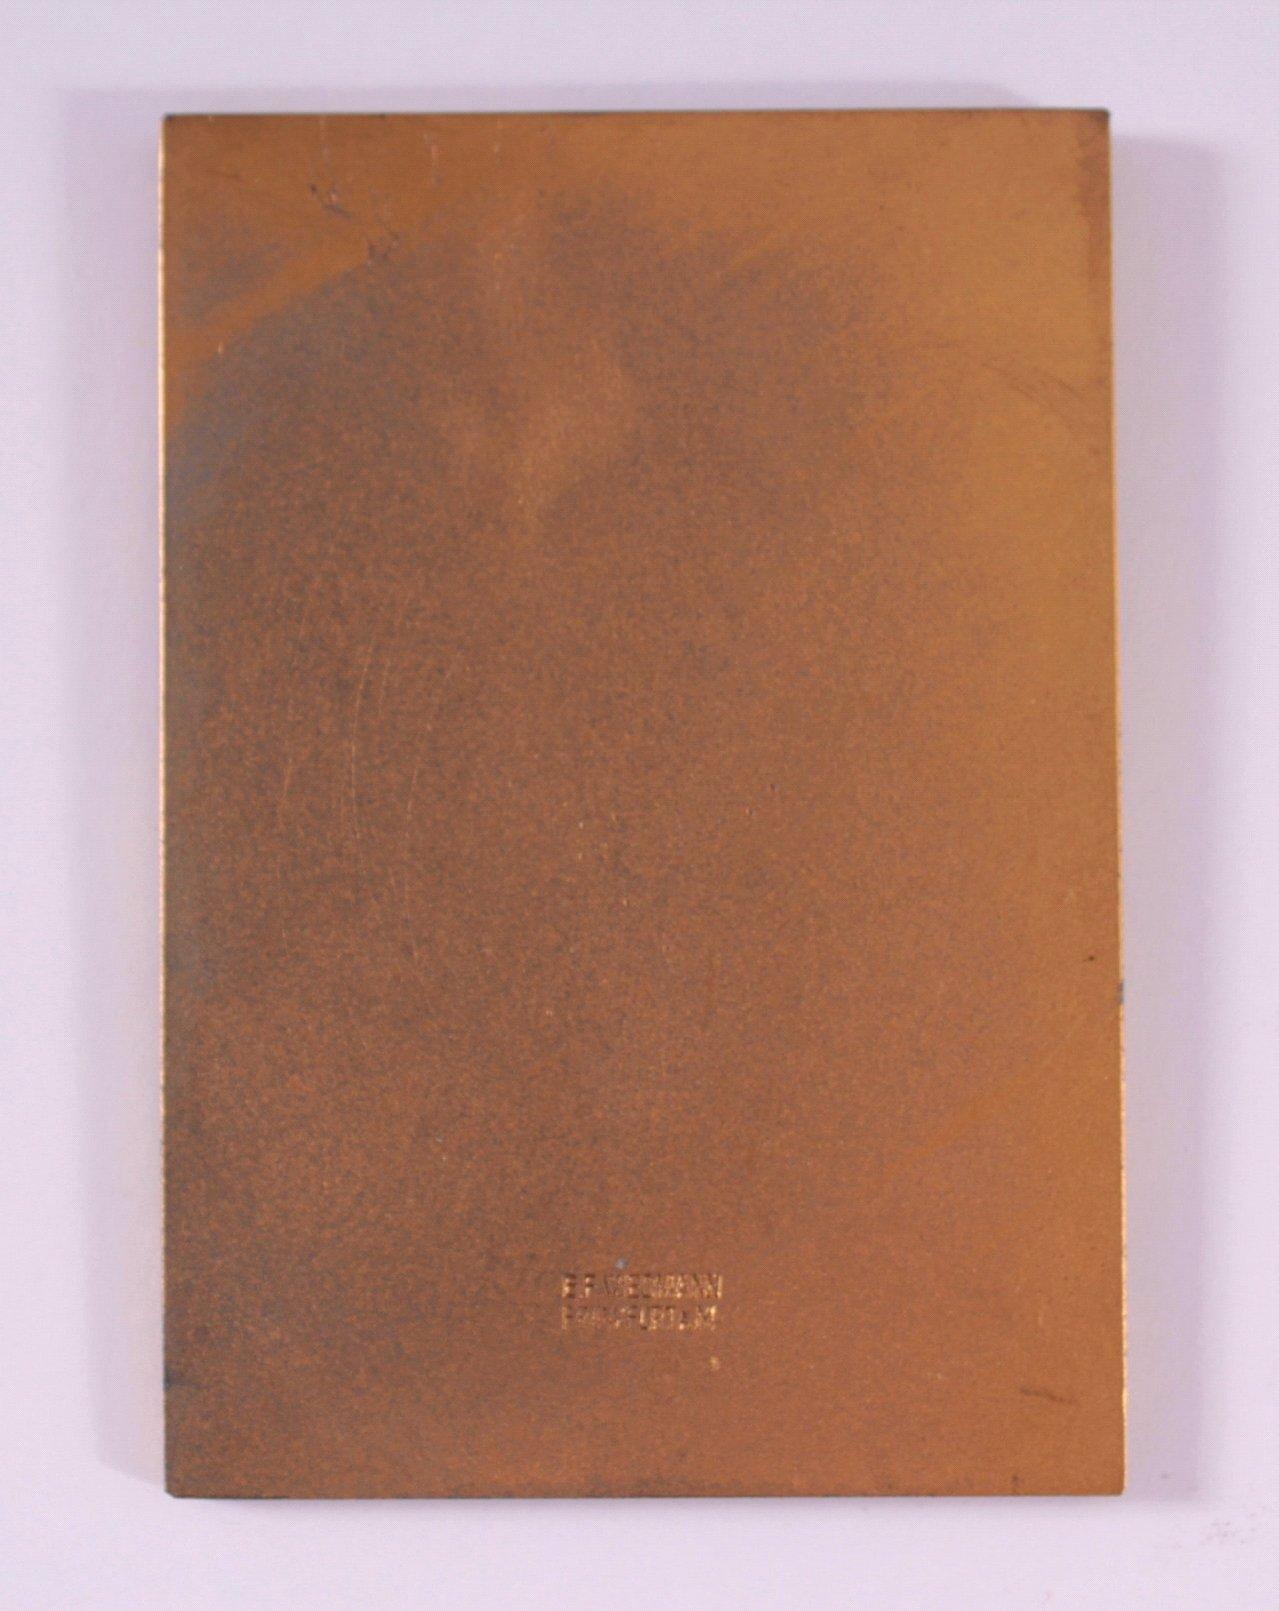 Vergoldete Plakette, Großer Preis IKA 1937-1